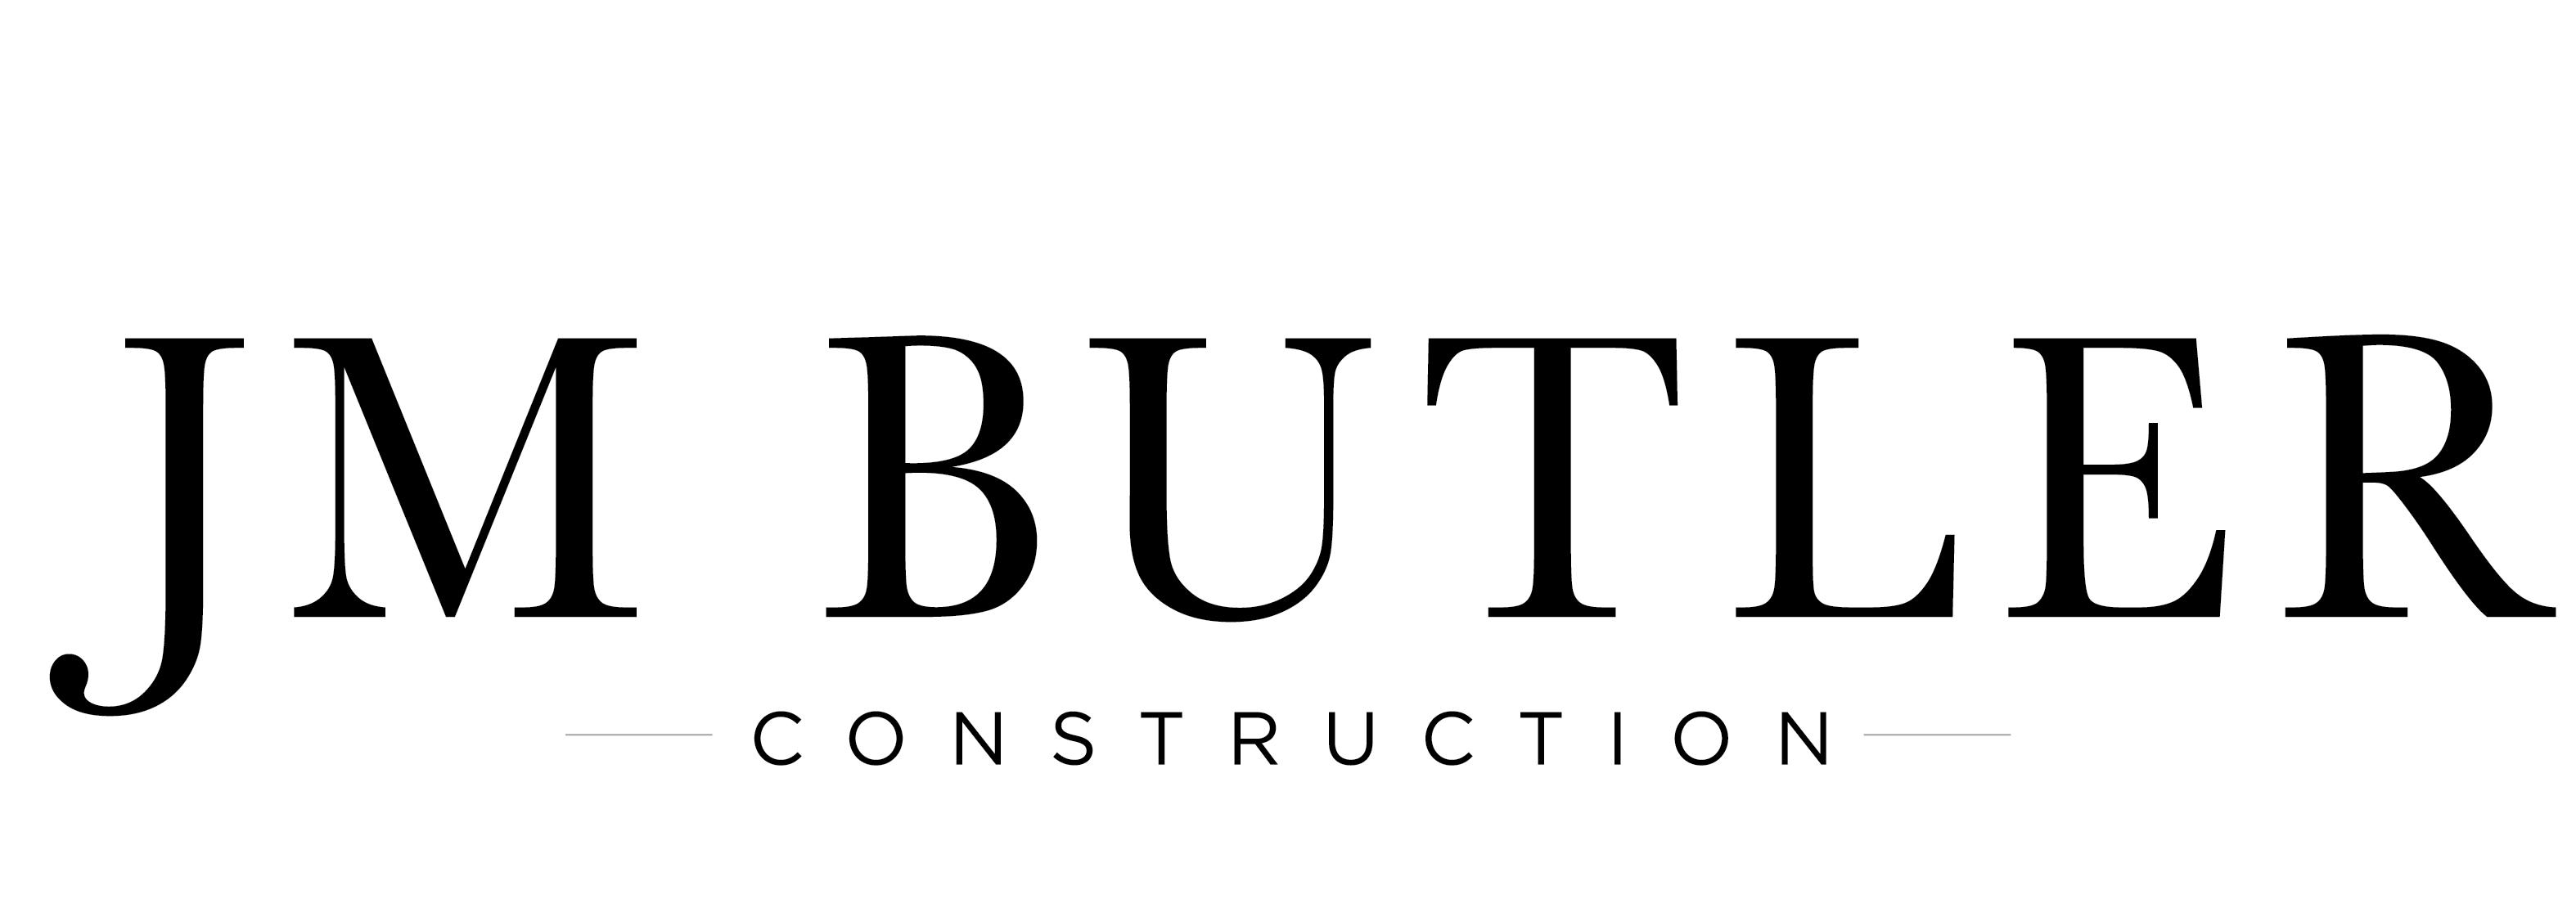 JM BUTLER CONSTRUCTION